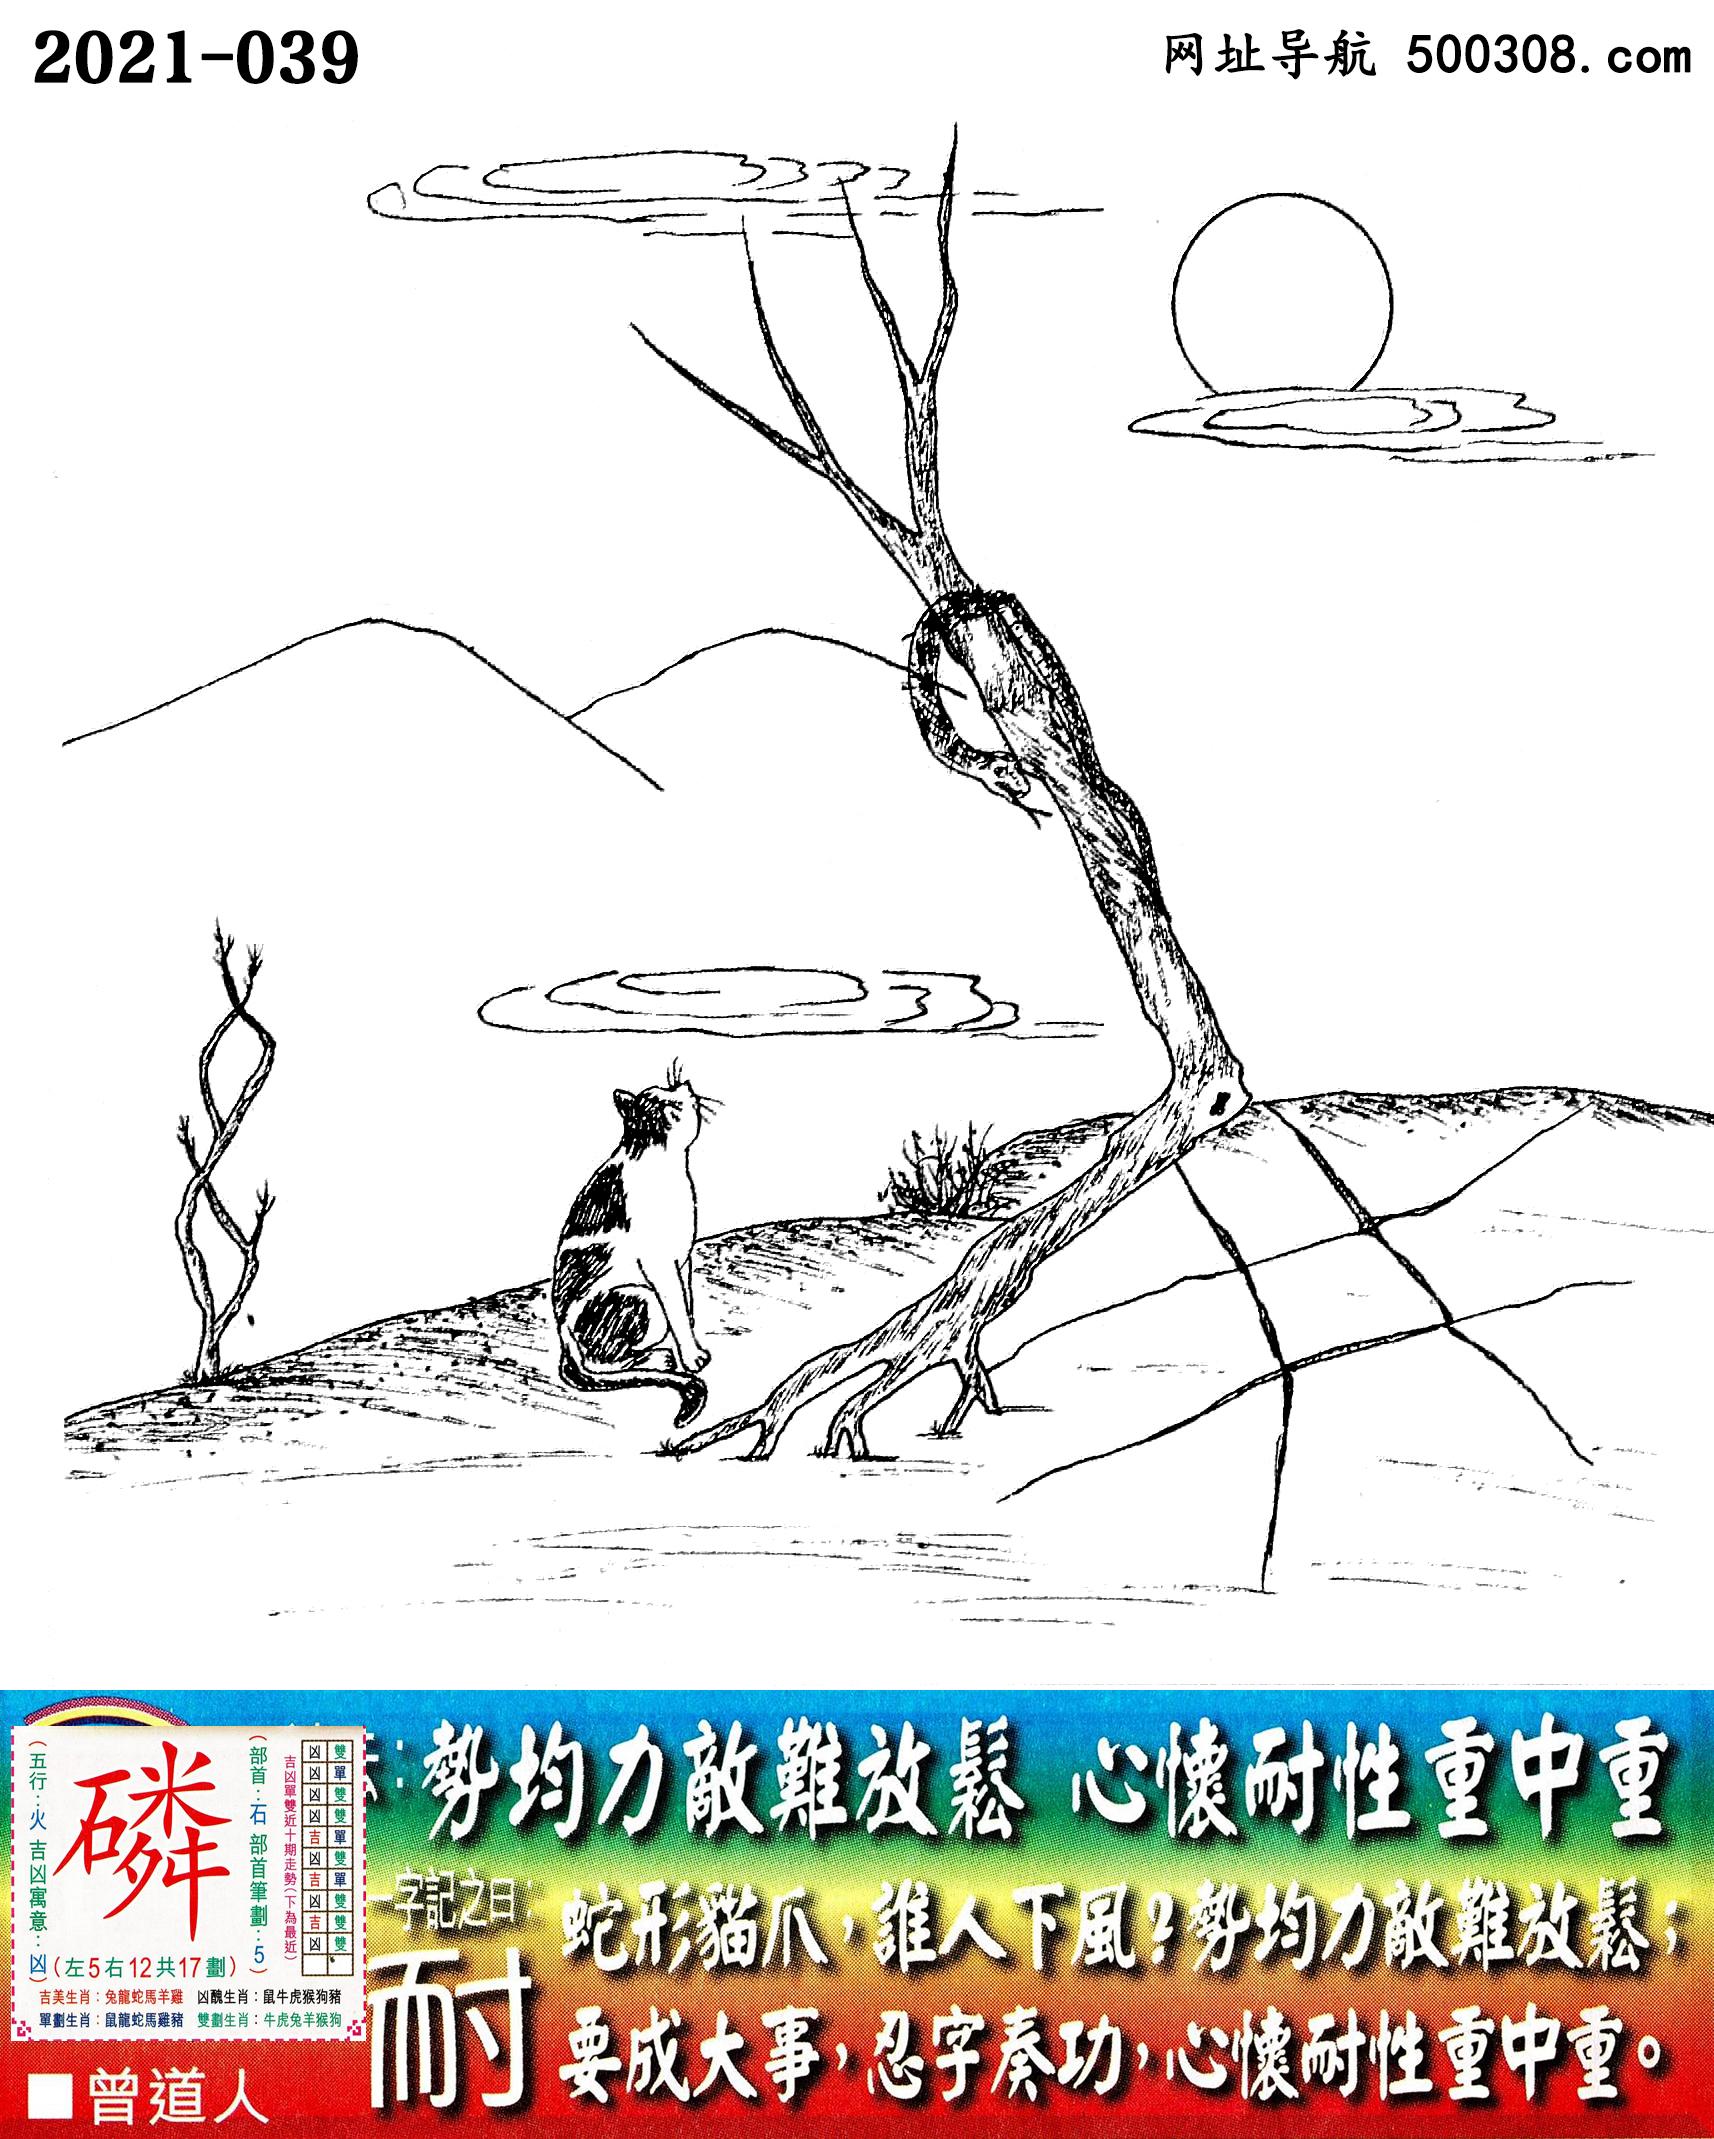 039期老版跑狗一字�之曰:【耐】_��:�菥�力�畴y放�,心�涯托灾刂兄亍�